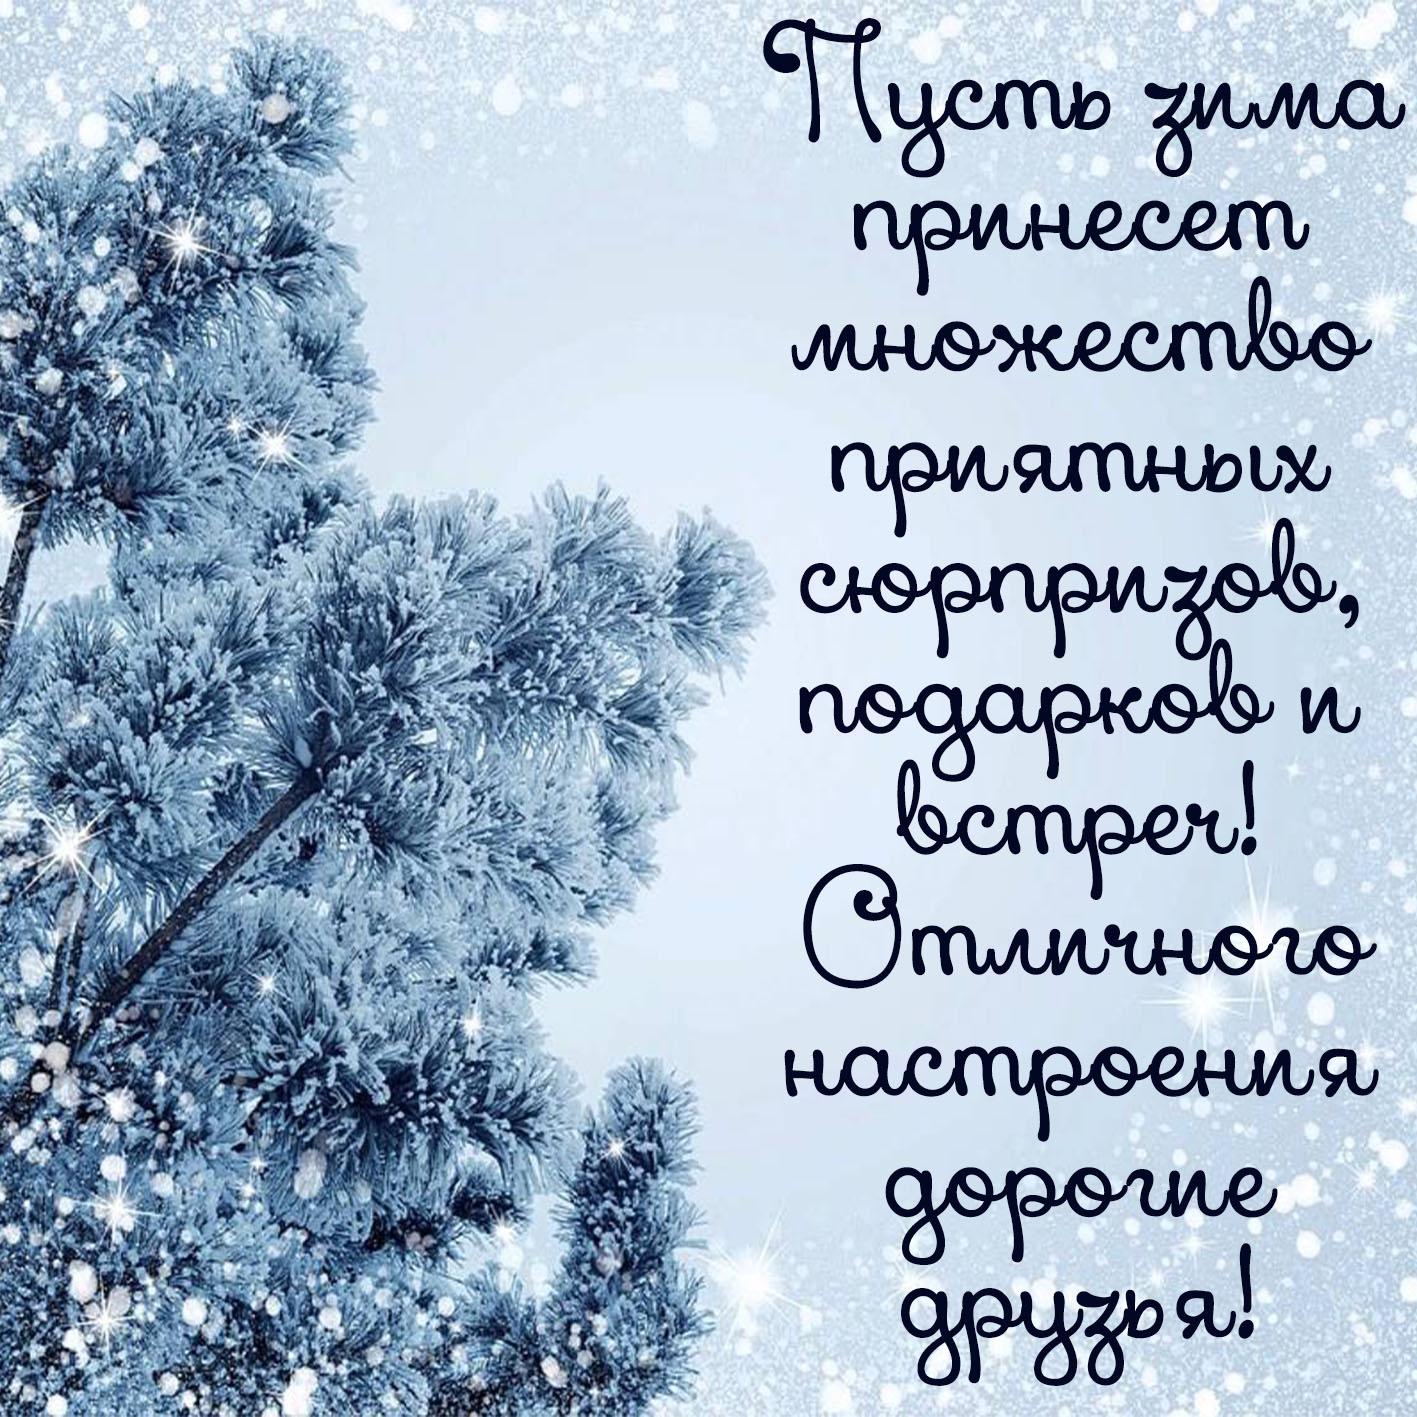 Зимние пожелания в стихах